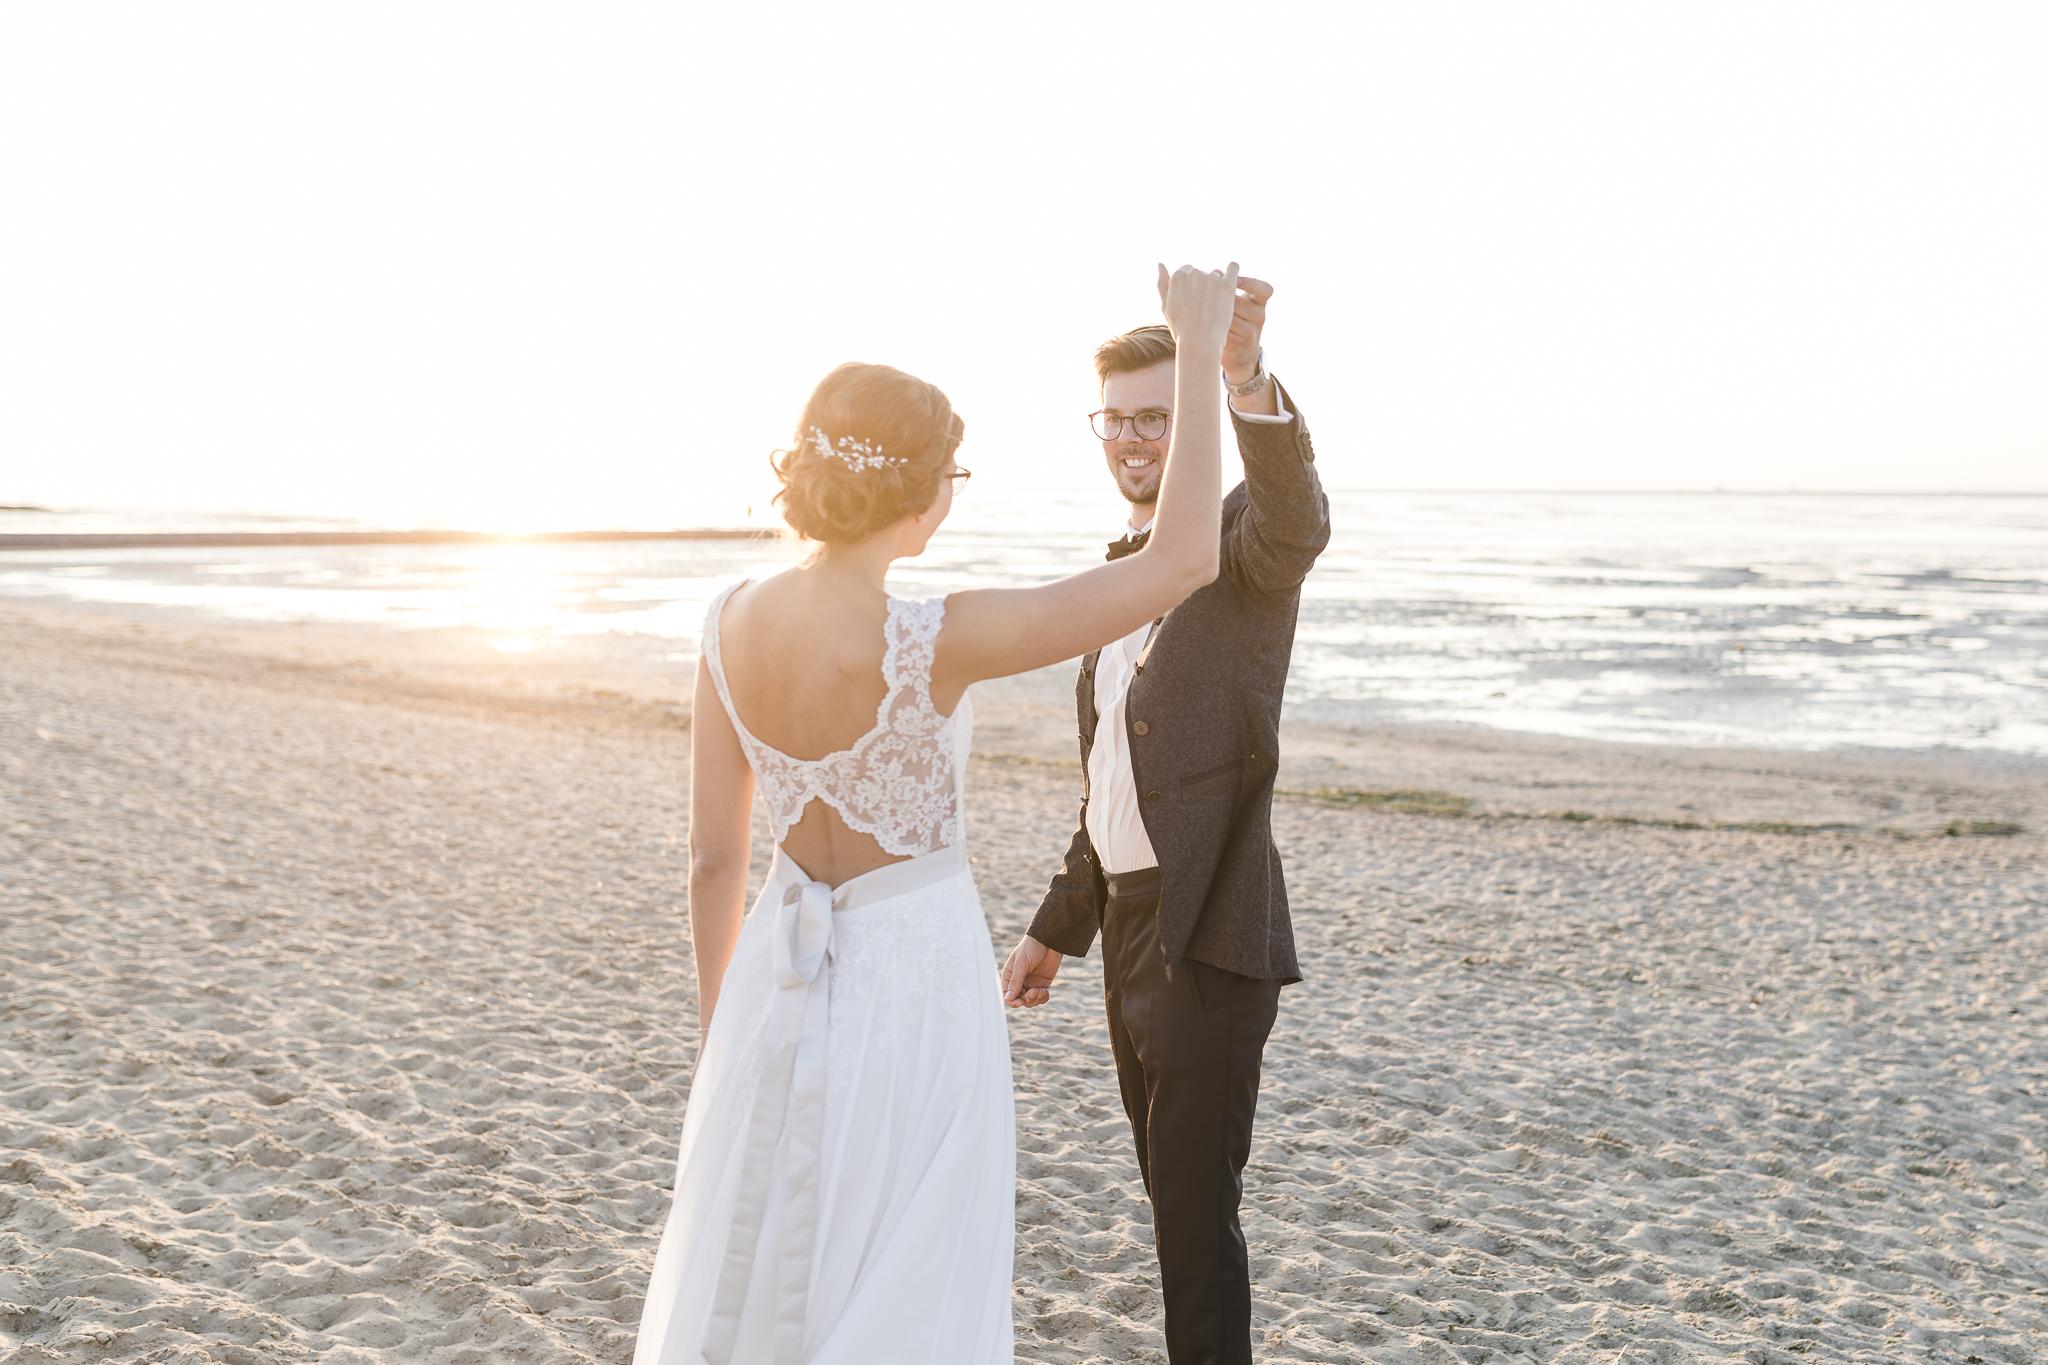 Hochzeitsfotograf Cuxhaven - Paarshooting am Hochzeitstag am Strand